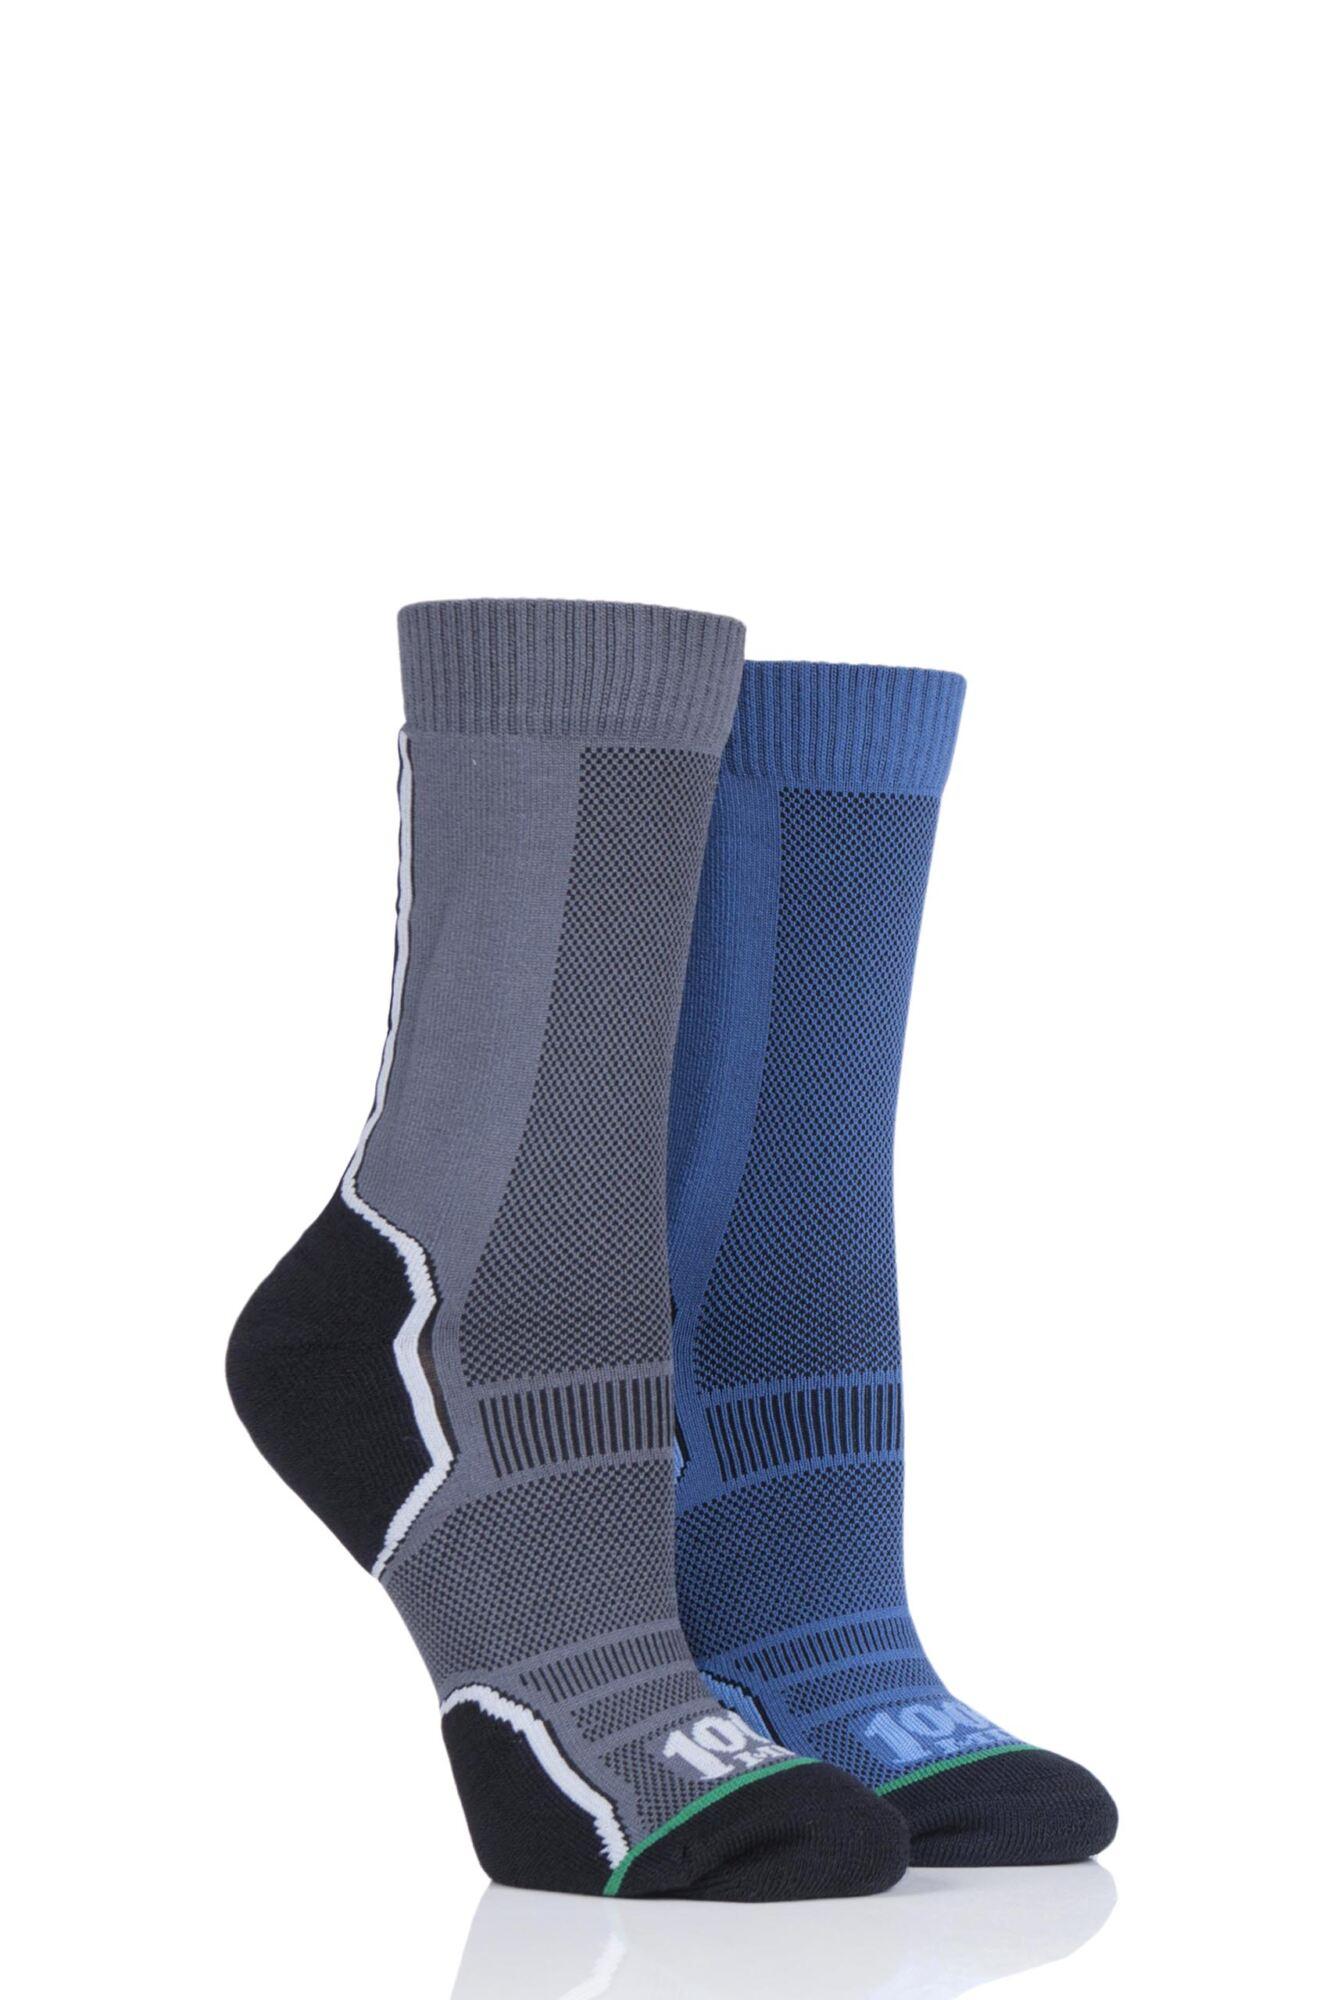 2 Pair Trek Socks Unisex - 1000 Mile